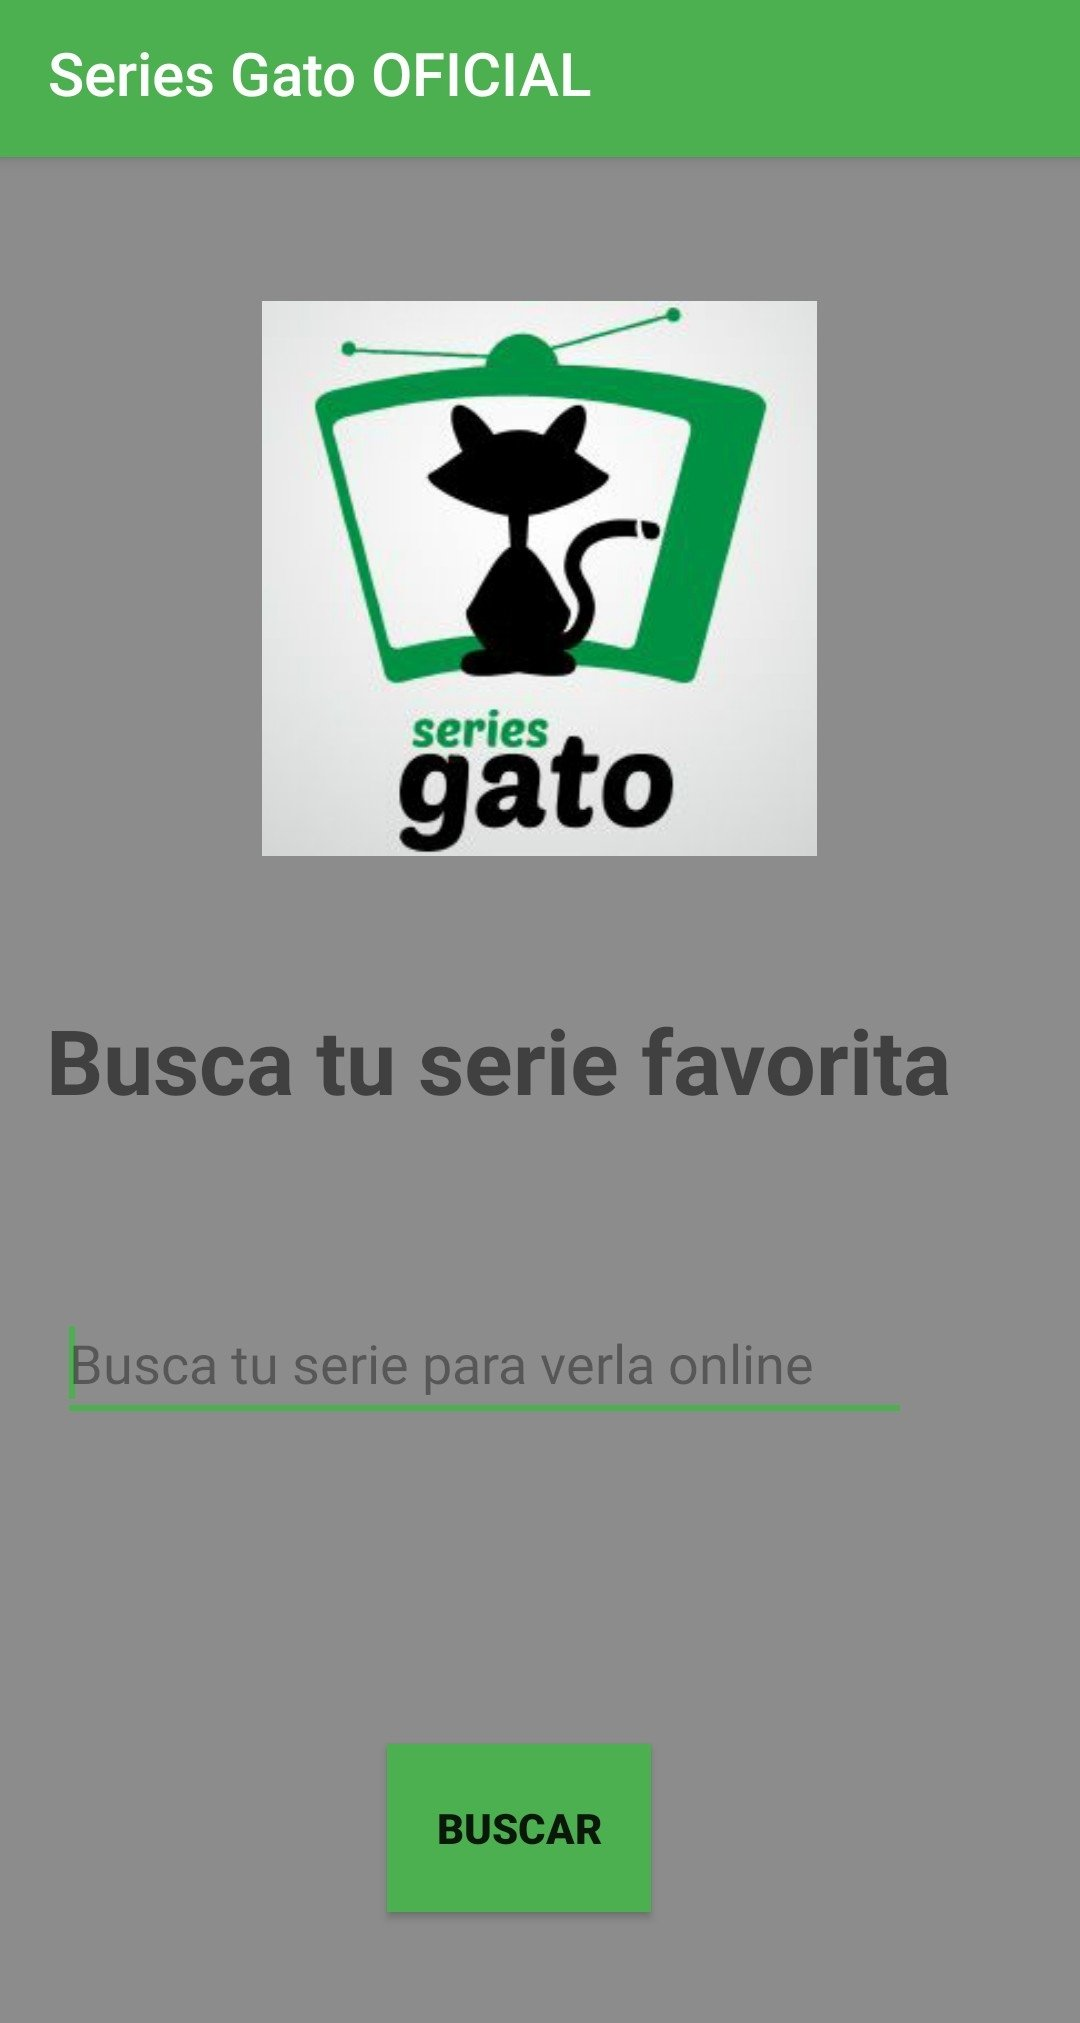 Series Gato 1.0 - Descargar para Android APK Gratis